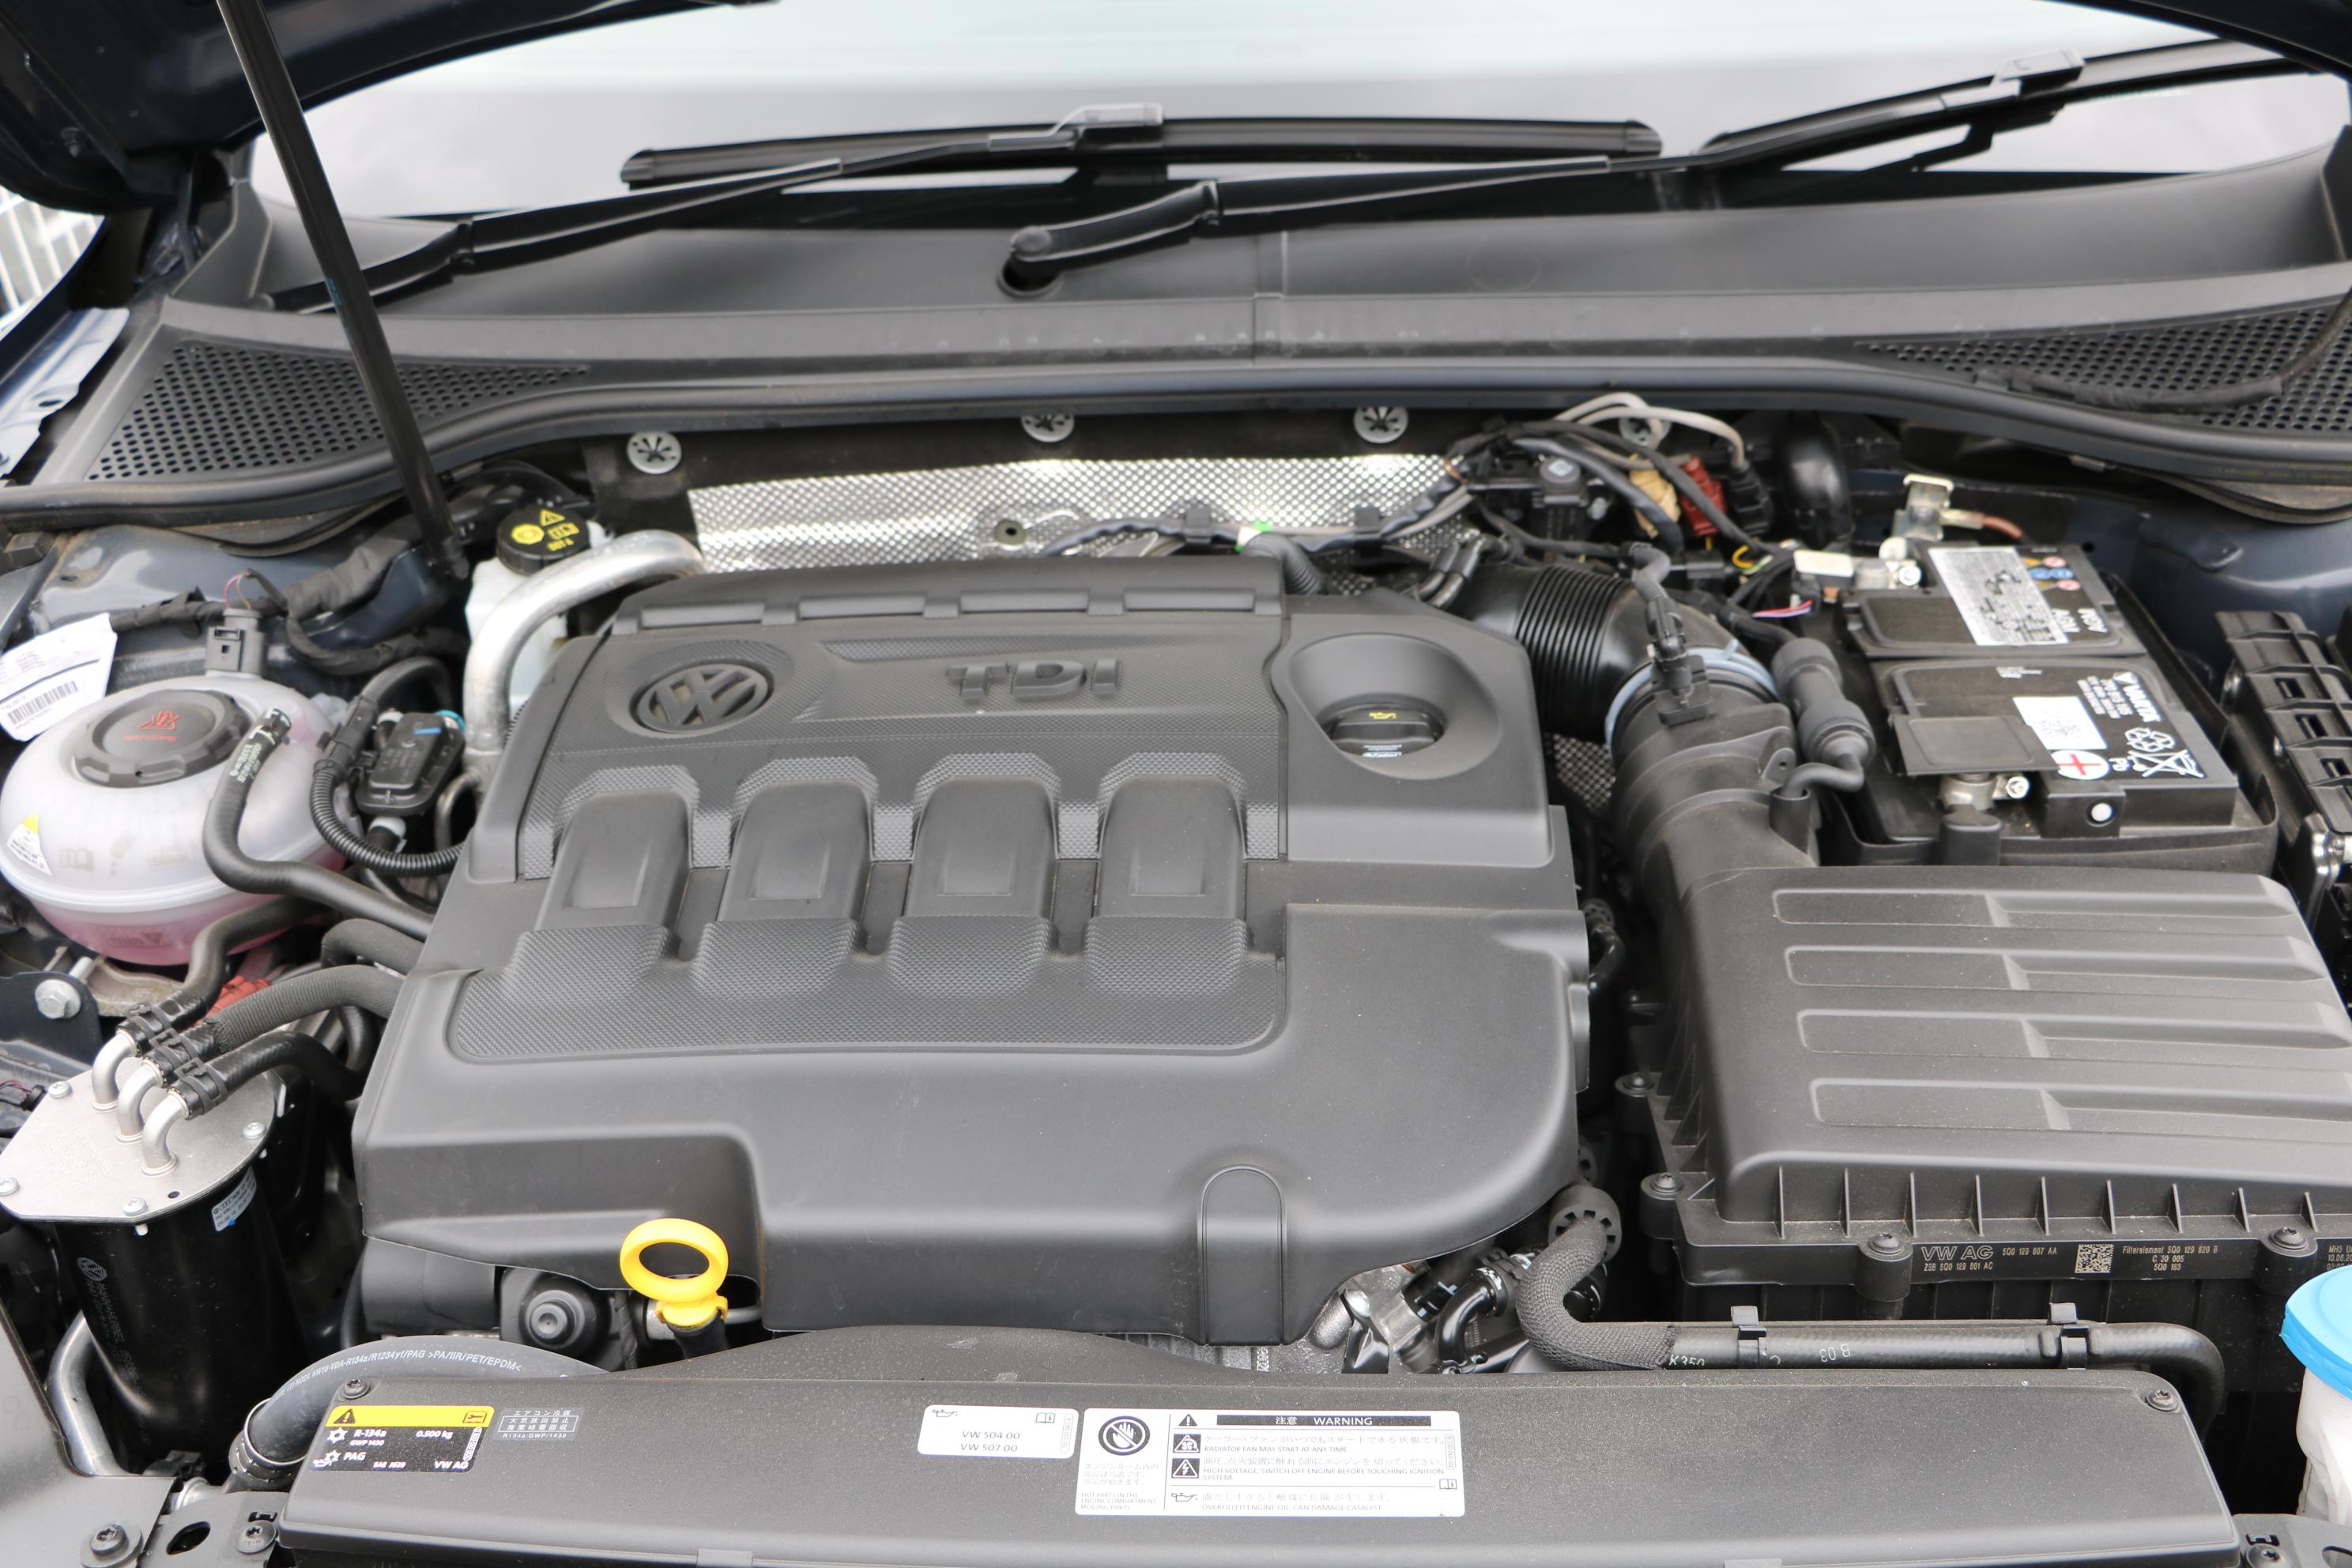 最大トルク400Nmは、ガソリンエンジンでいえば4リッターのV8クラス。パサートオールトラックは力強く、気兼ねなく遊べる実用車と実感した